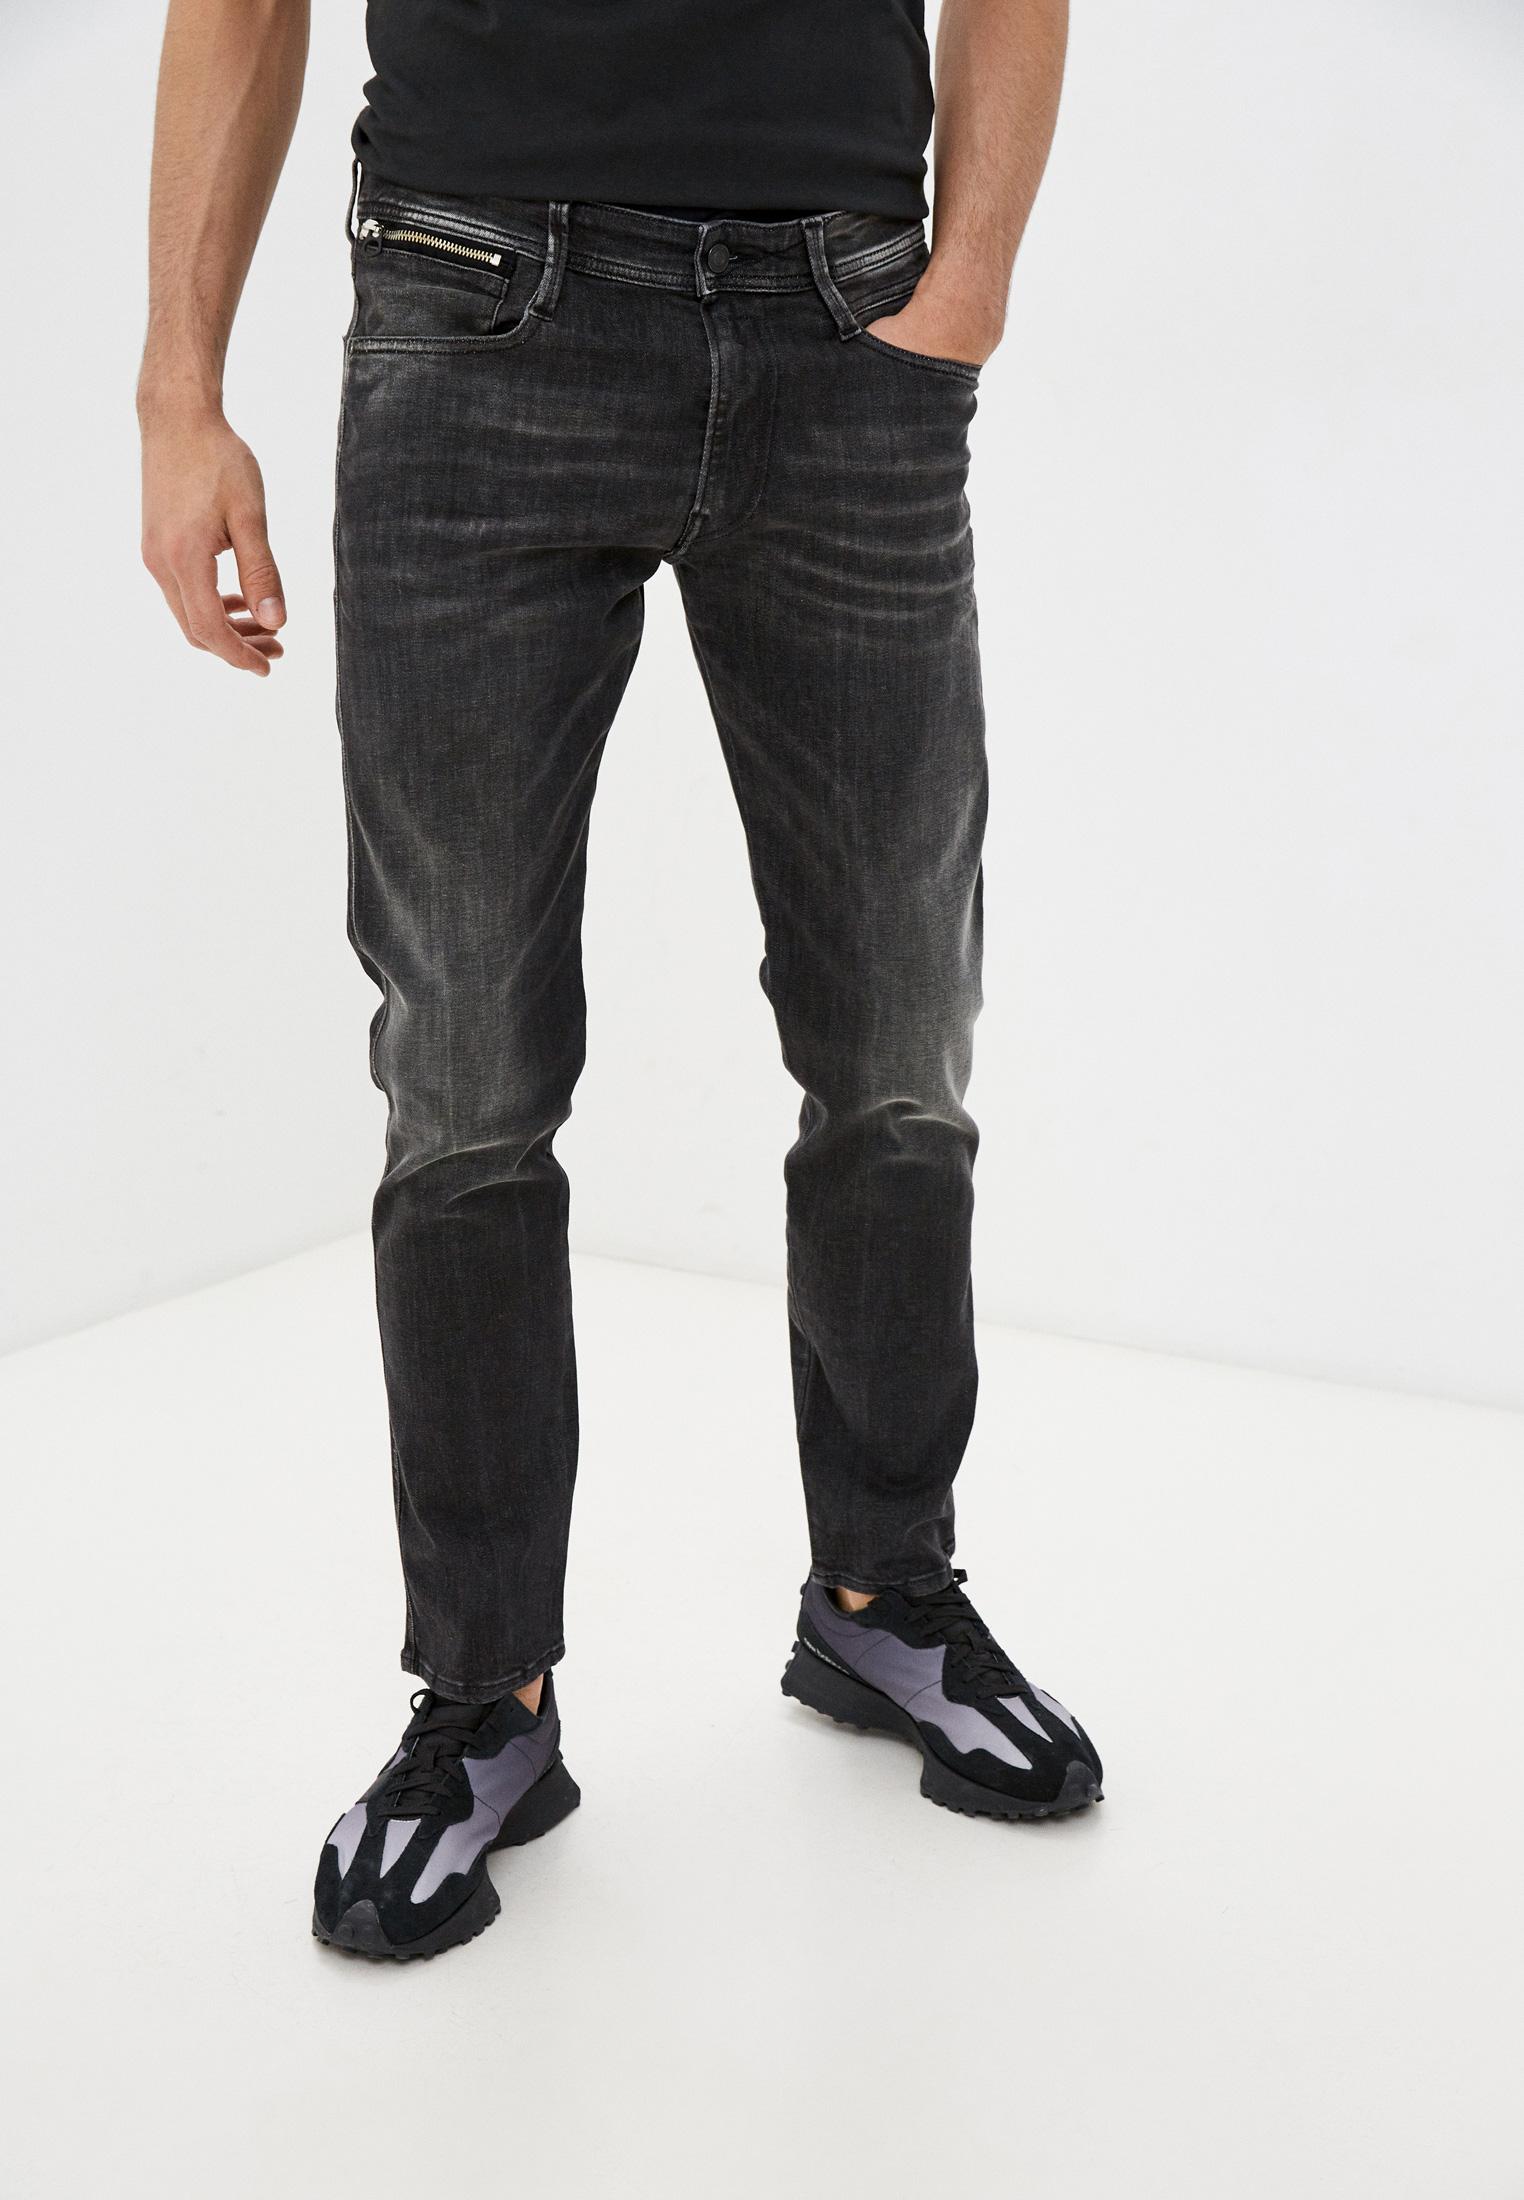 Зауженные джинсы Replay (Реплей) MB914.000.249744